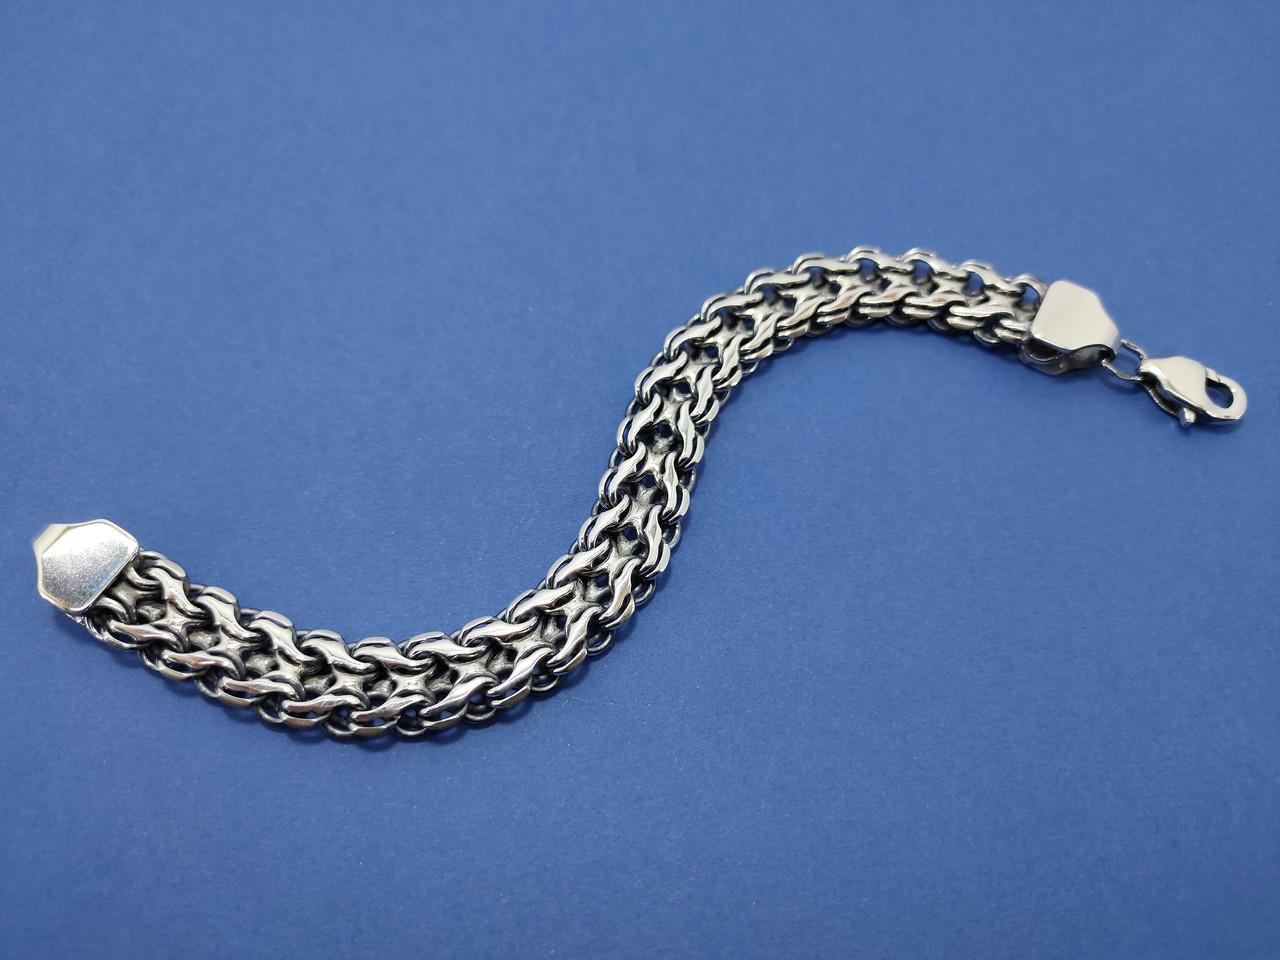 Серебряный браслет двойной ручеек, коробочка, 20 см., 49 гр.